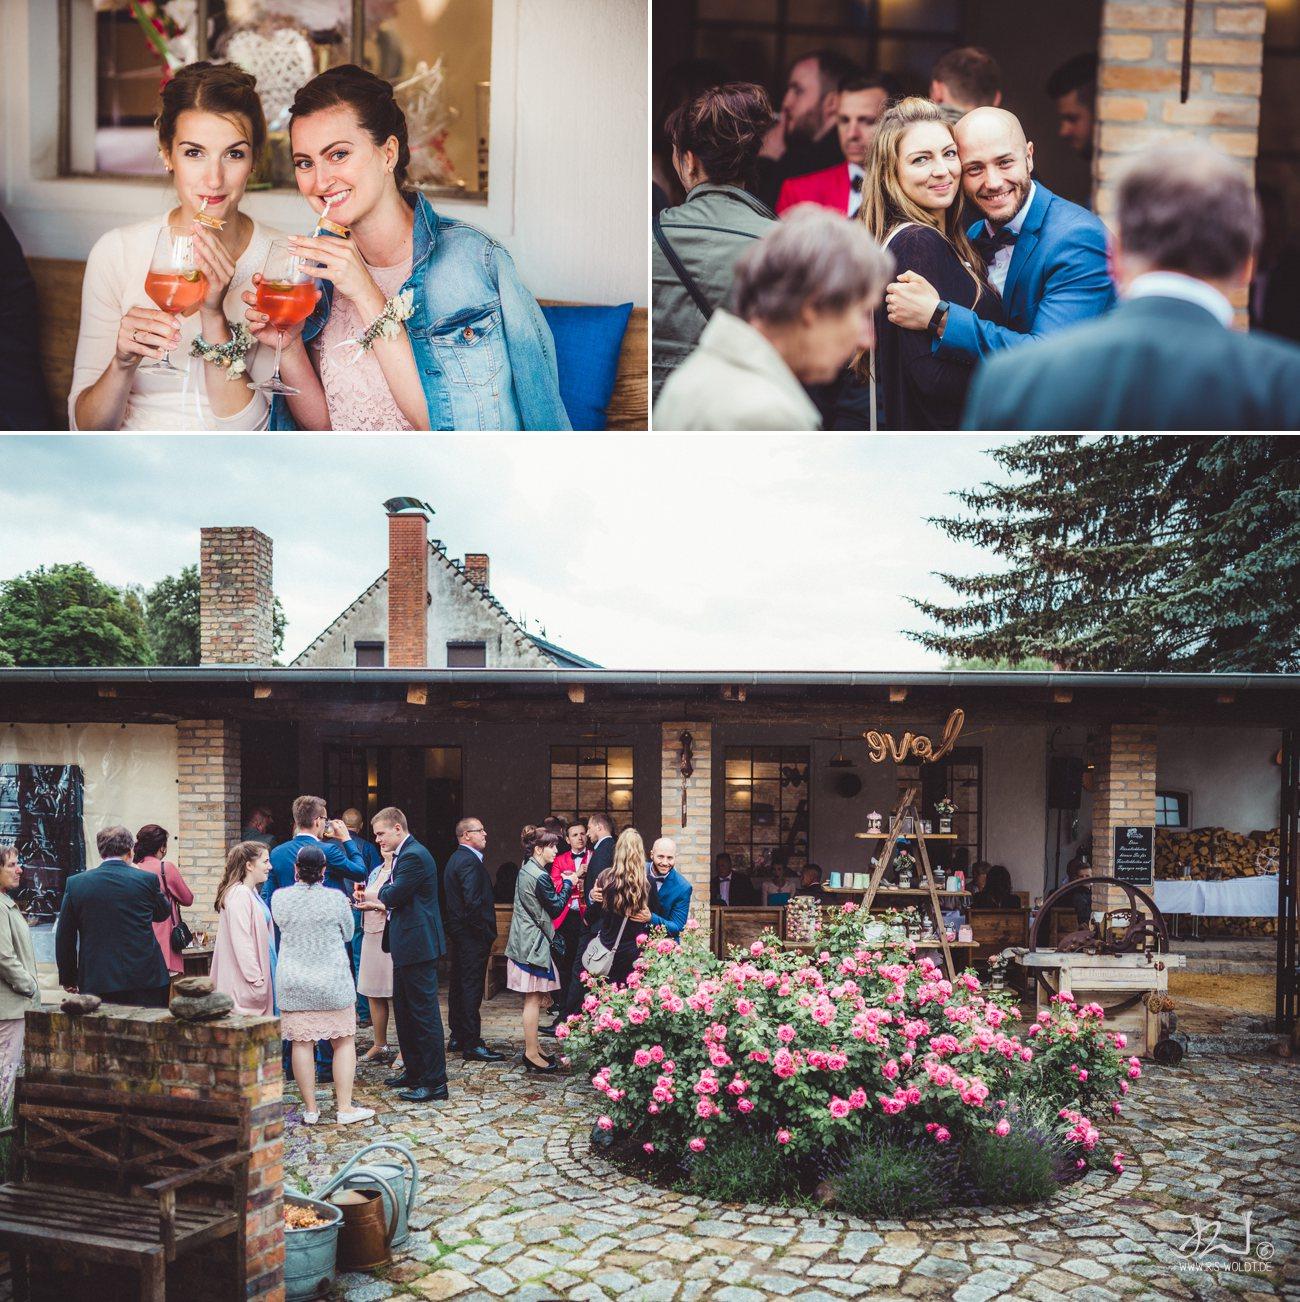 Hochzeitsfotograf_Altthymen_MuehleTornow_IrisWoldt 100